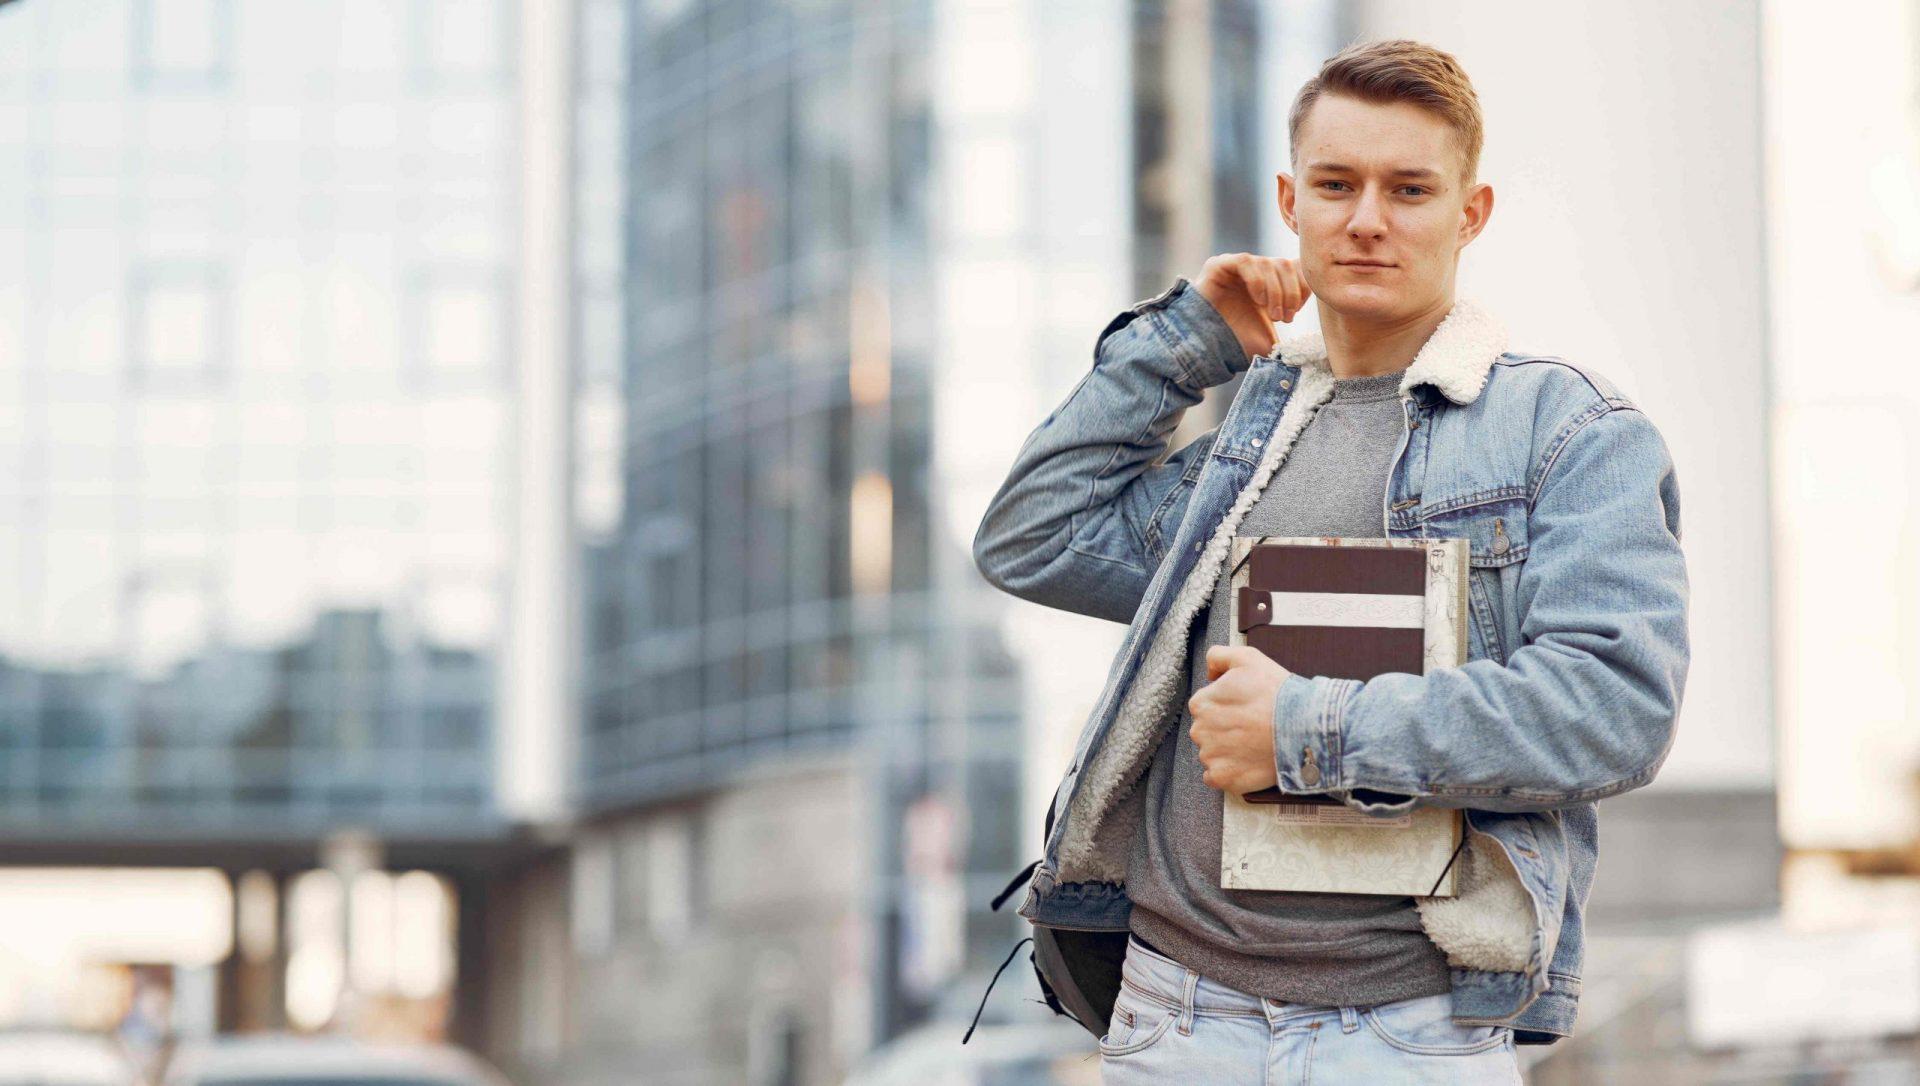 student in danemarca in cautare de job part time